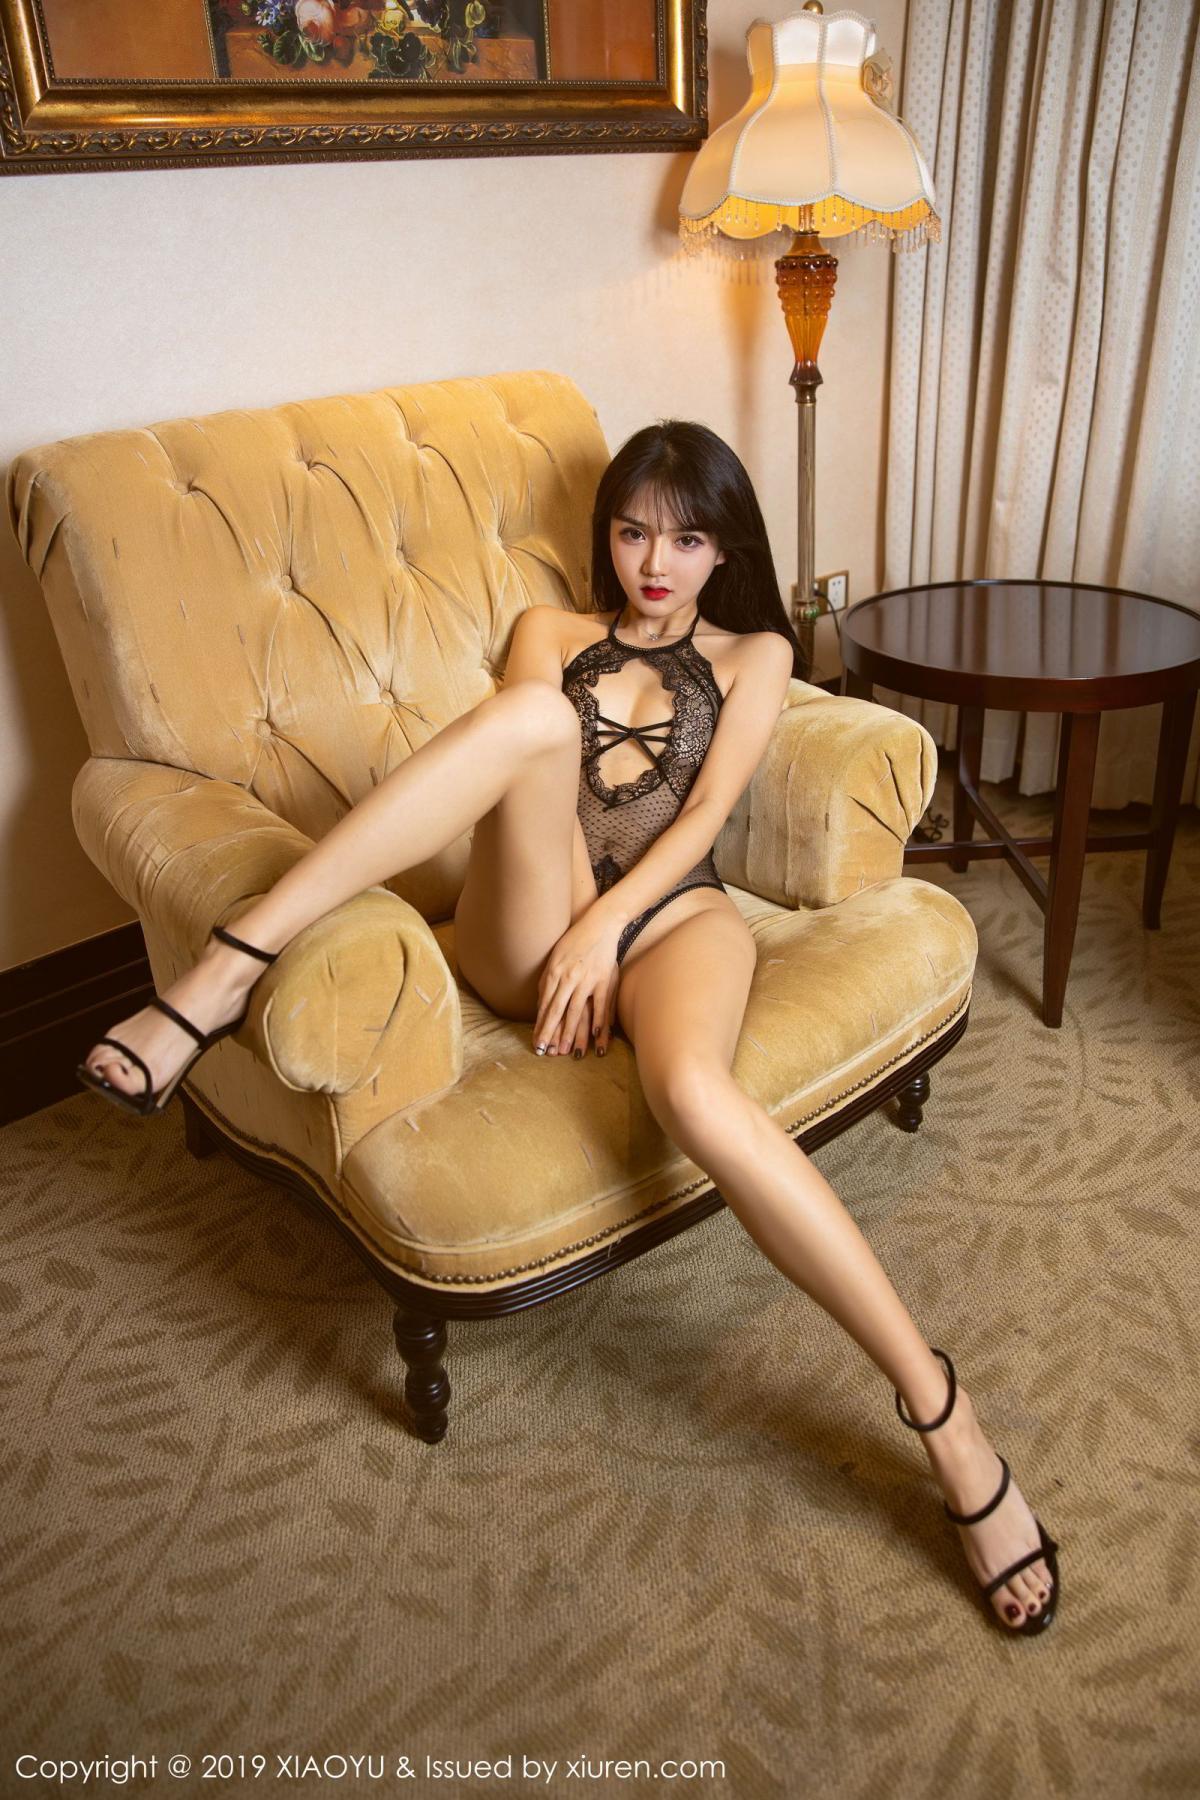 [XiaoYu] Vol.200 Miko Jiang 6P, Miko Jiang, Slim, Tall, Underwear, XiaoYu